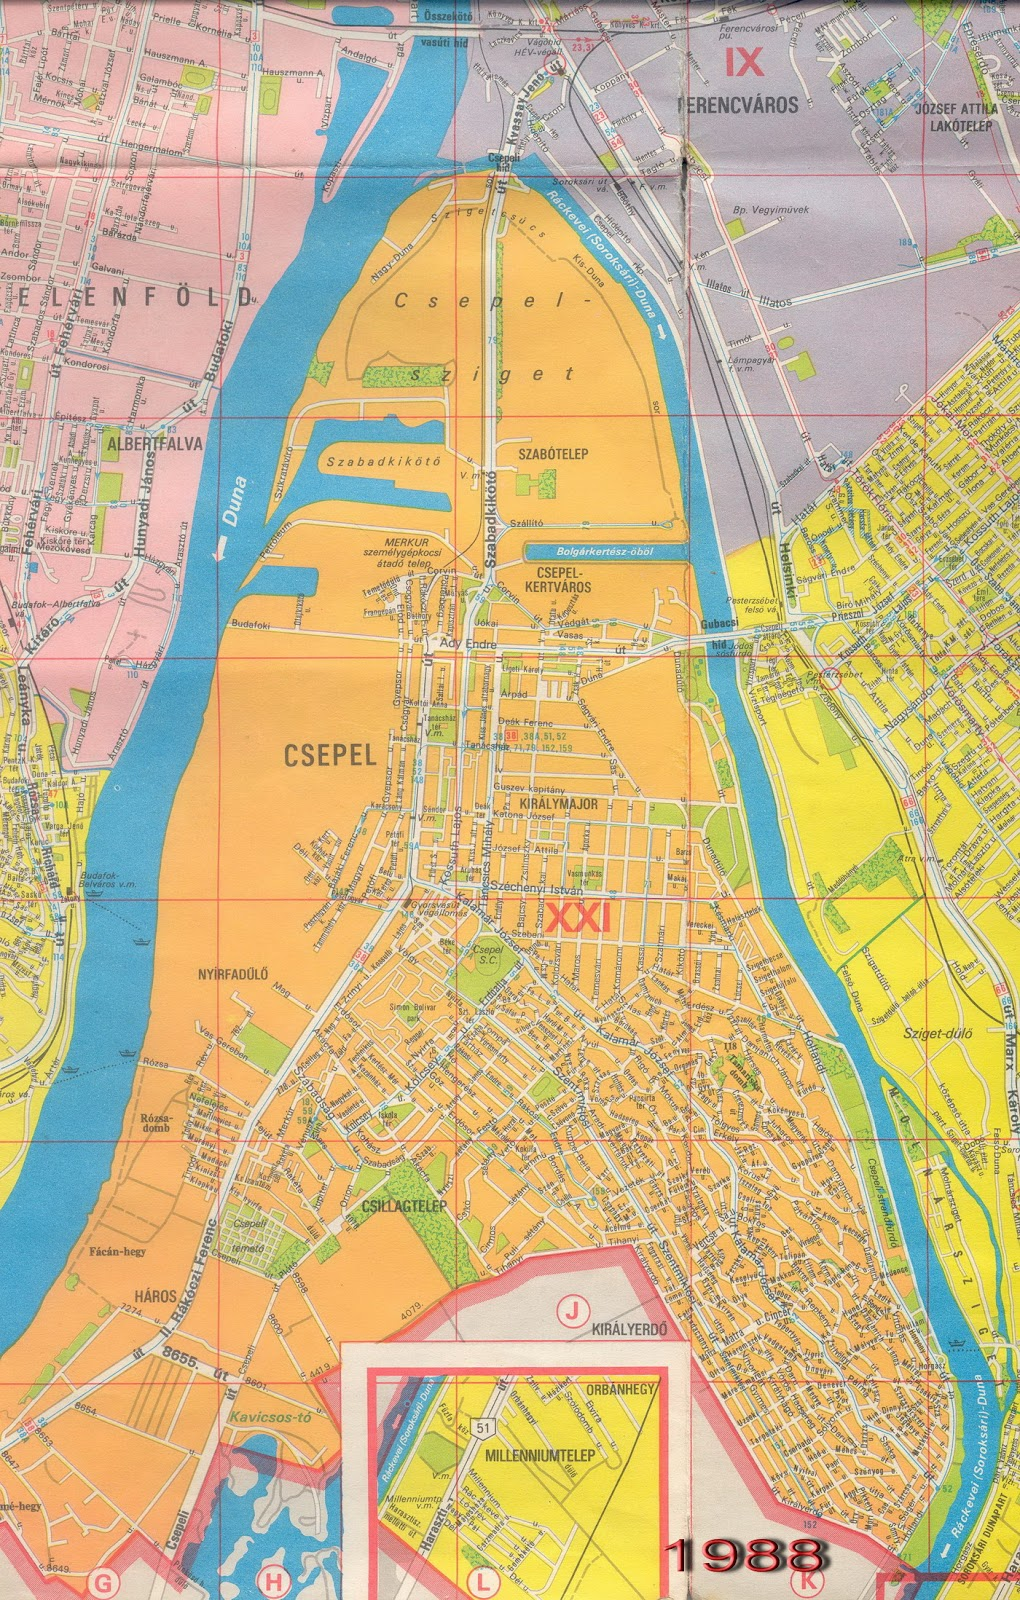 budapest térkép csepel PESTERZSÉBETI ÉRDEKES: Pesterzsébet és környéke (2.r.) 1988  budapest térkép csepel